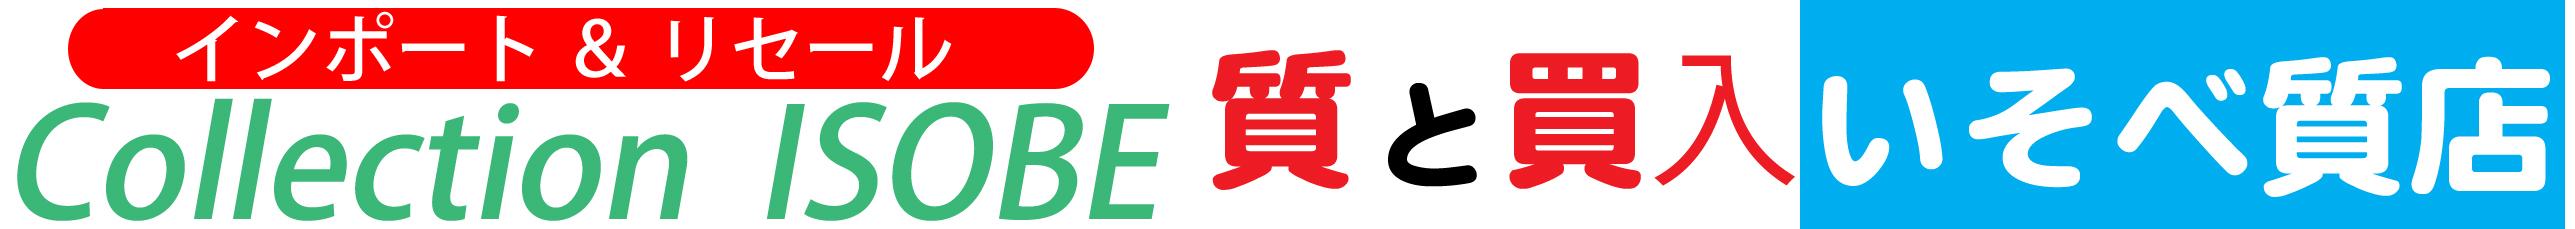 京都 北区 質屋 コレクション・イソベ  いそべ質店